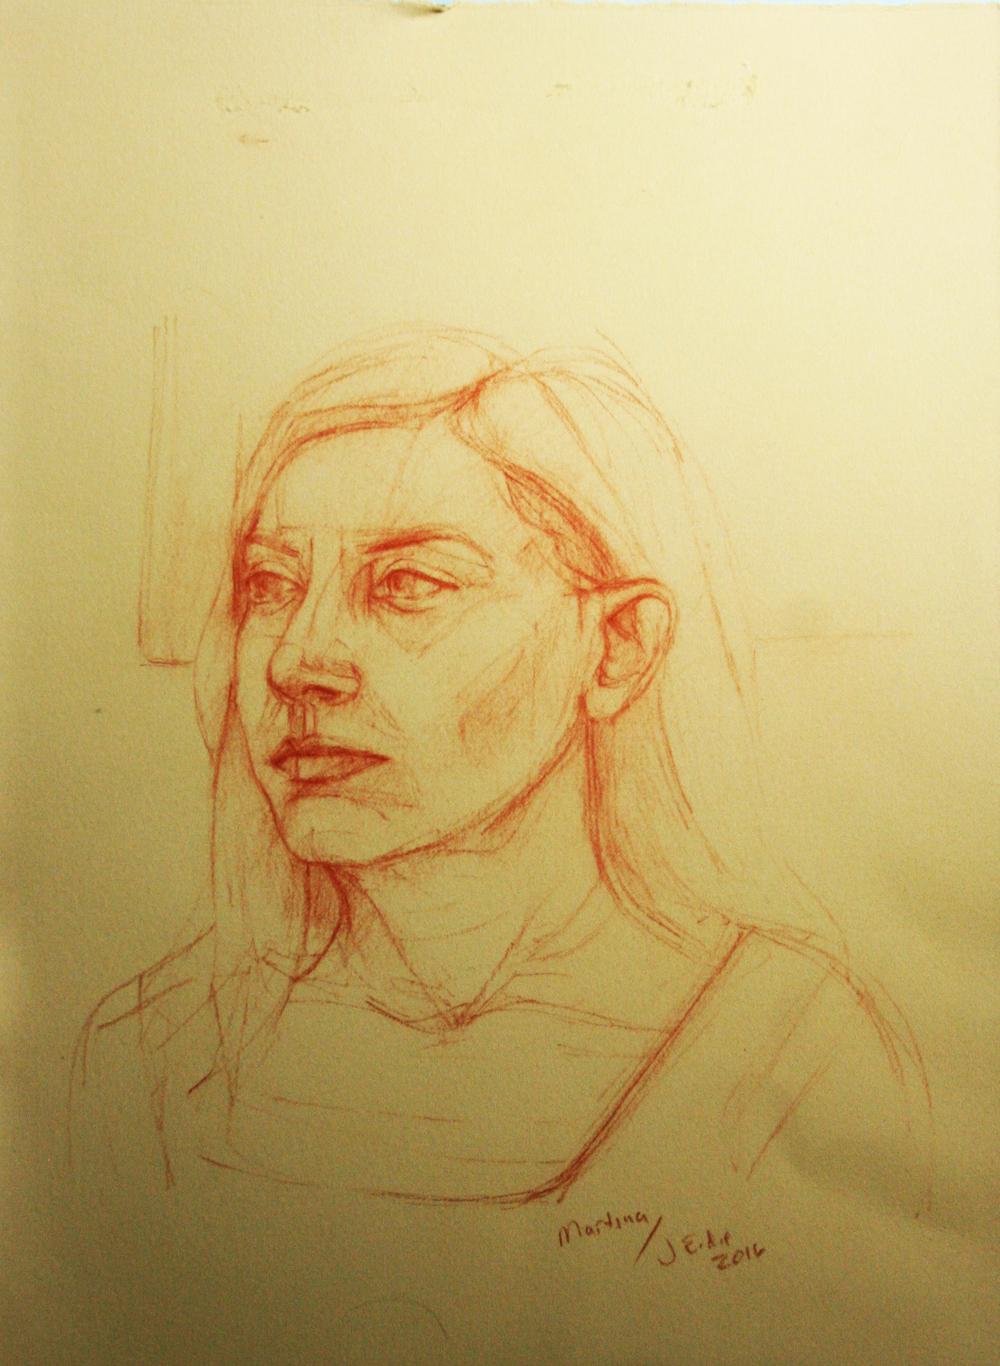 Jeff Erdie did this 3-hour drawing.